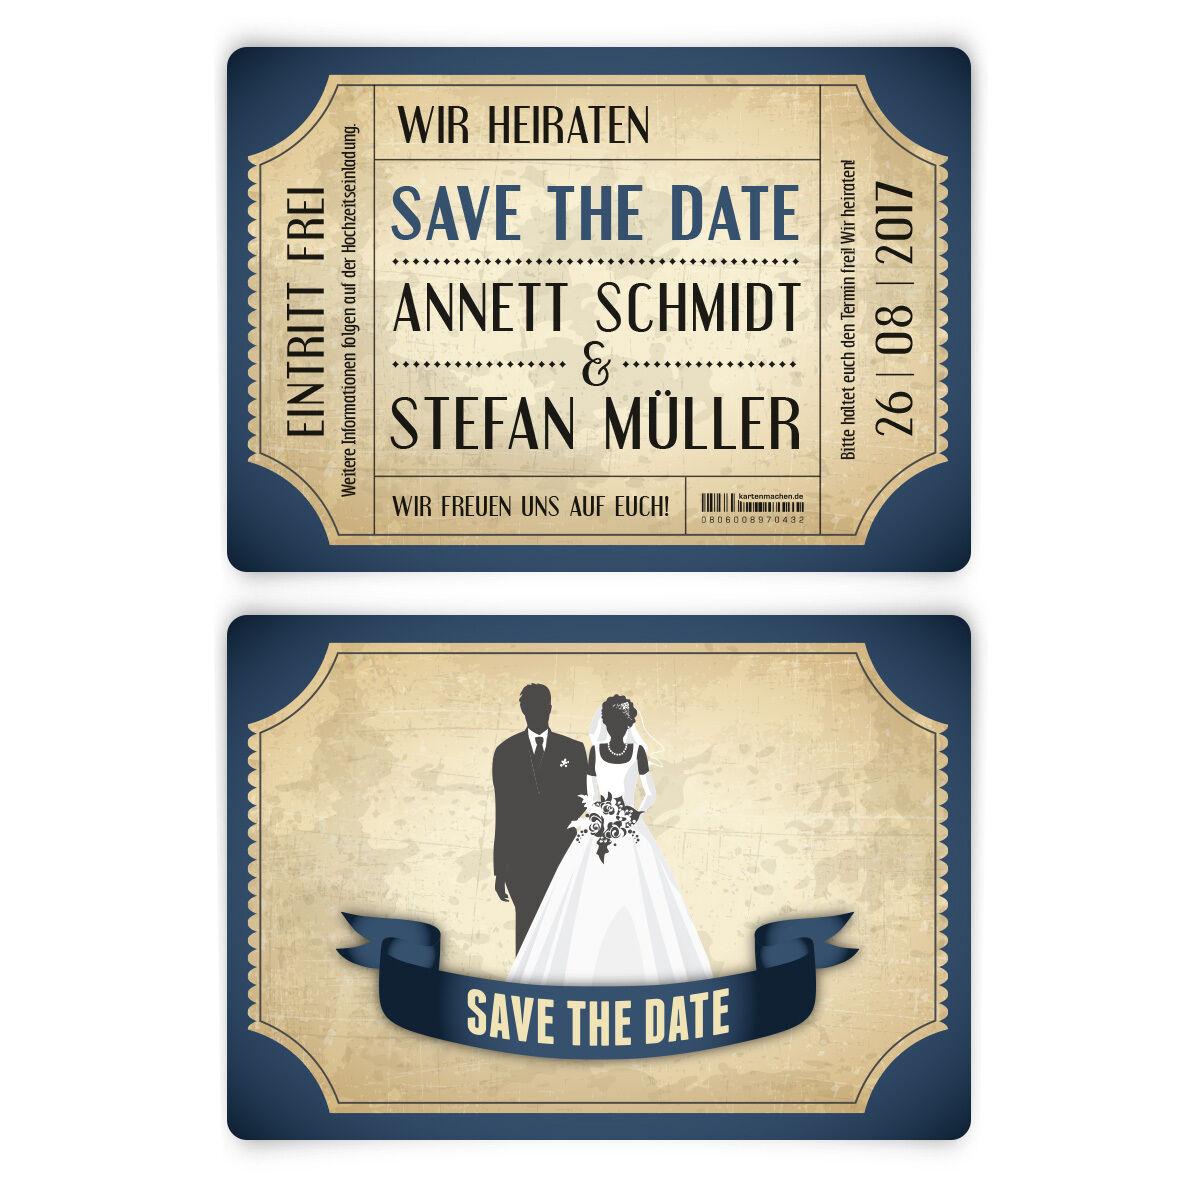 Save the Date Karten zur Hochzeit - Vintage Brautpaar in Blau   | Züchtungen Eingeführt Werden Eine Nach Der Anderen  | Perfekt In Verarbeitung